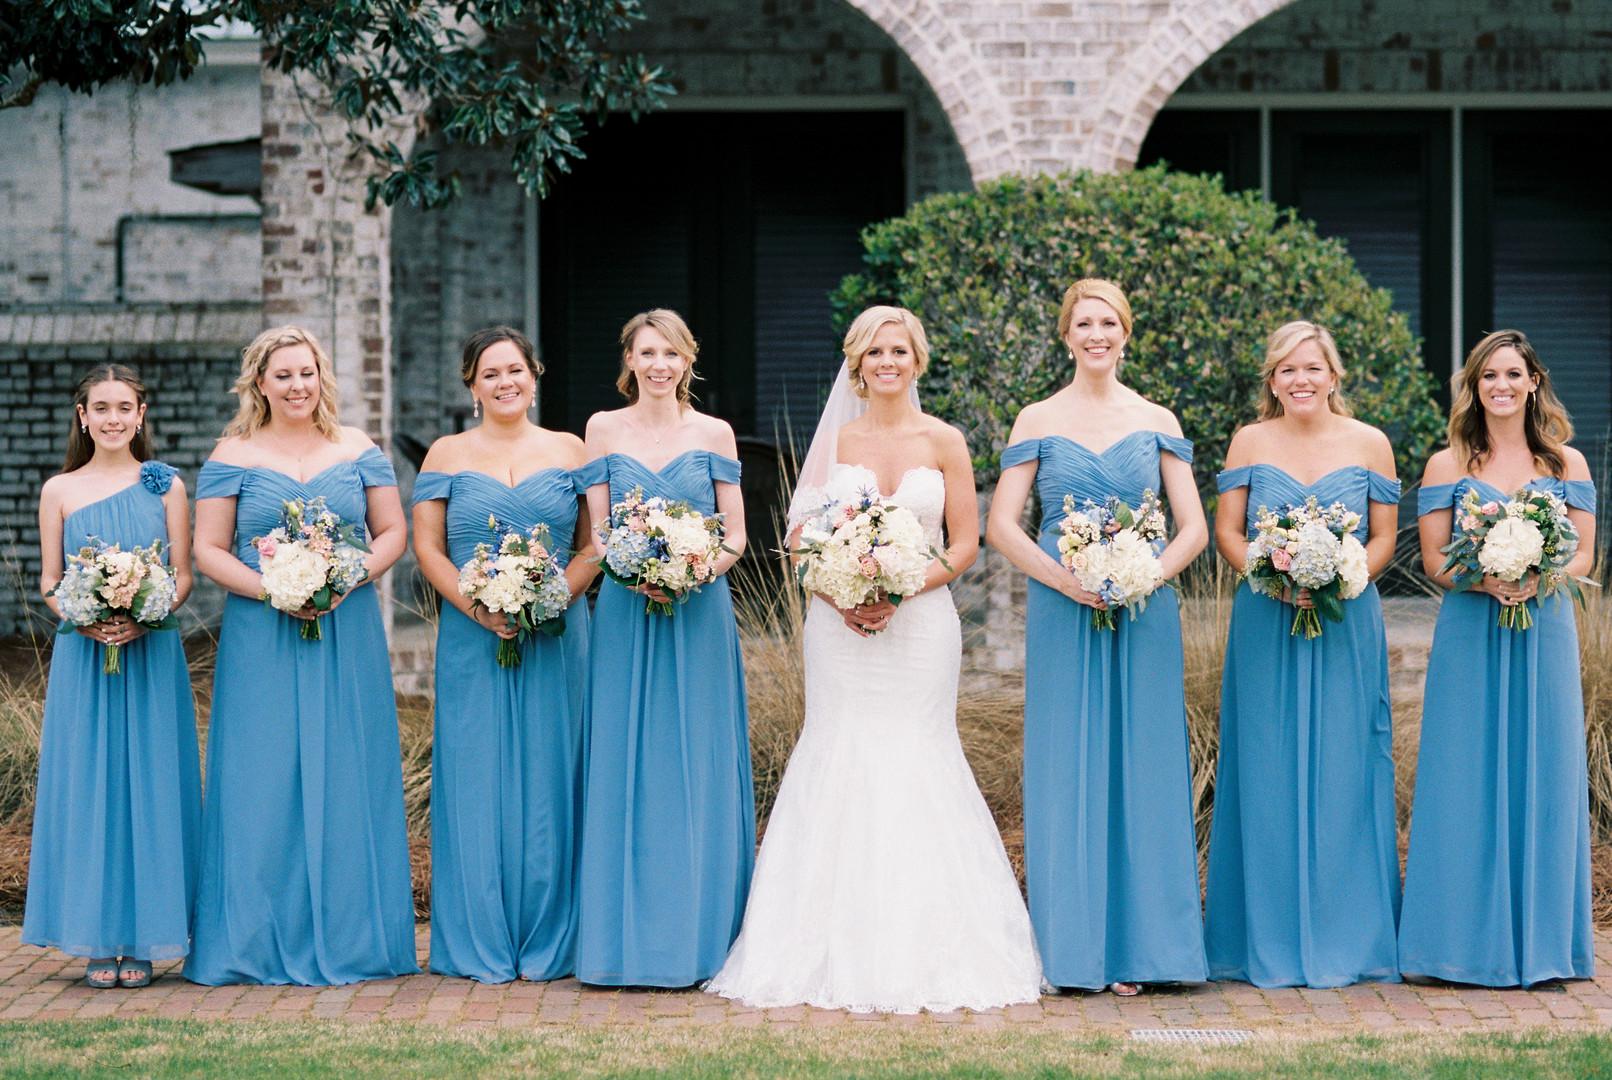 dunes-west-golf-club-wedding-26.jpg